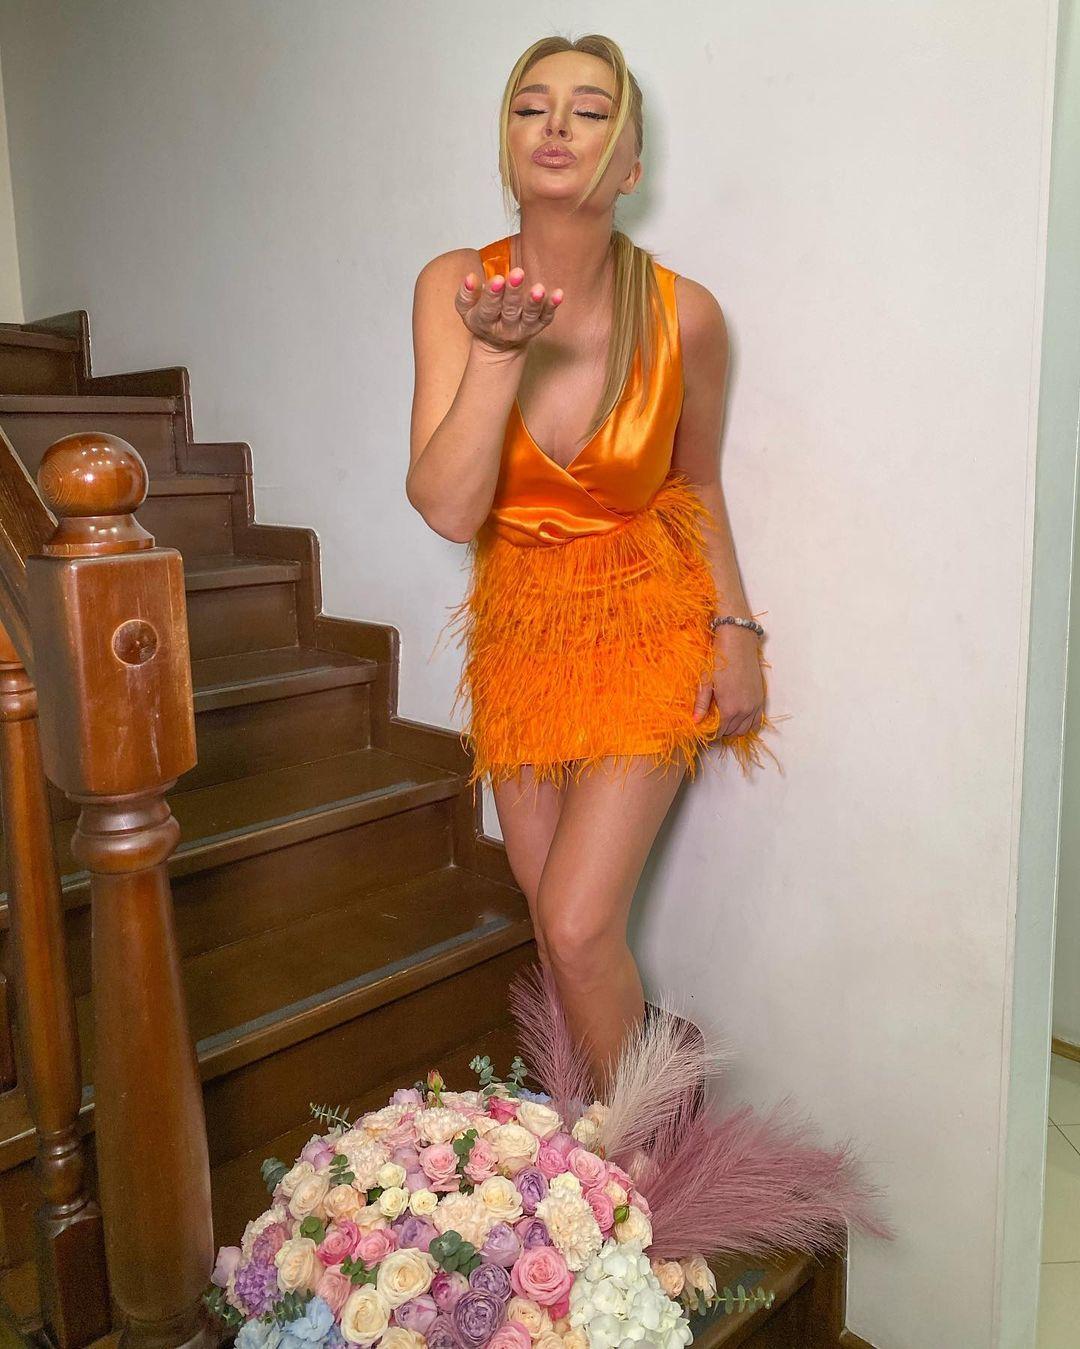 Дарье Пынзарь удалось быстро сбросить 5 килограмм: как она это сделала?